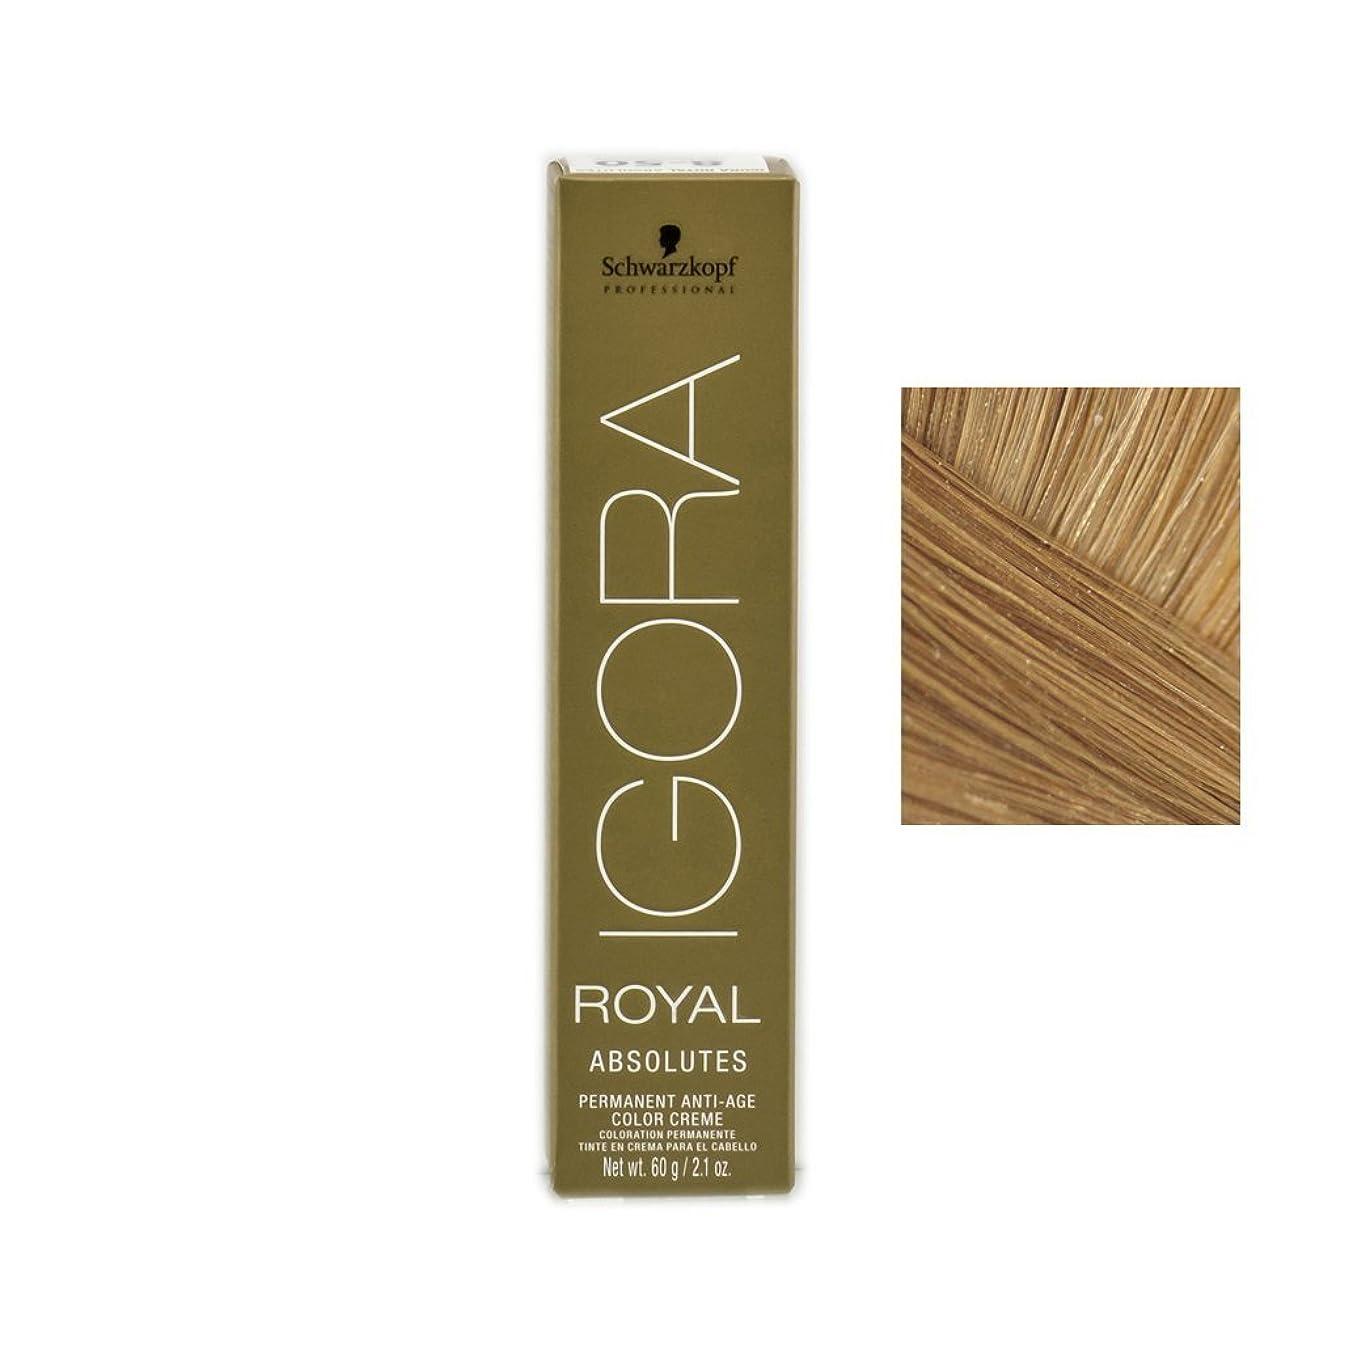 決して実り多い抱擁Schwarzkopf プロフェッショナルIGORAロイヤルアブソリュート髪の色、 2.1オンス 9-60、エクストラライトオーバーンナチュラルブロンド